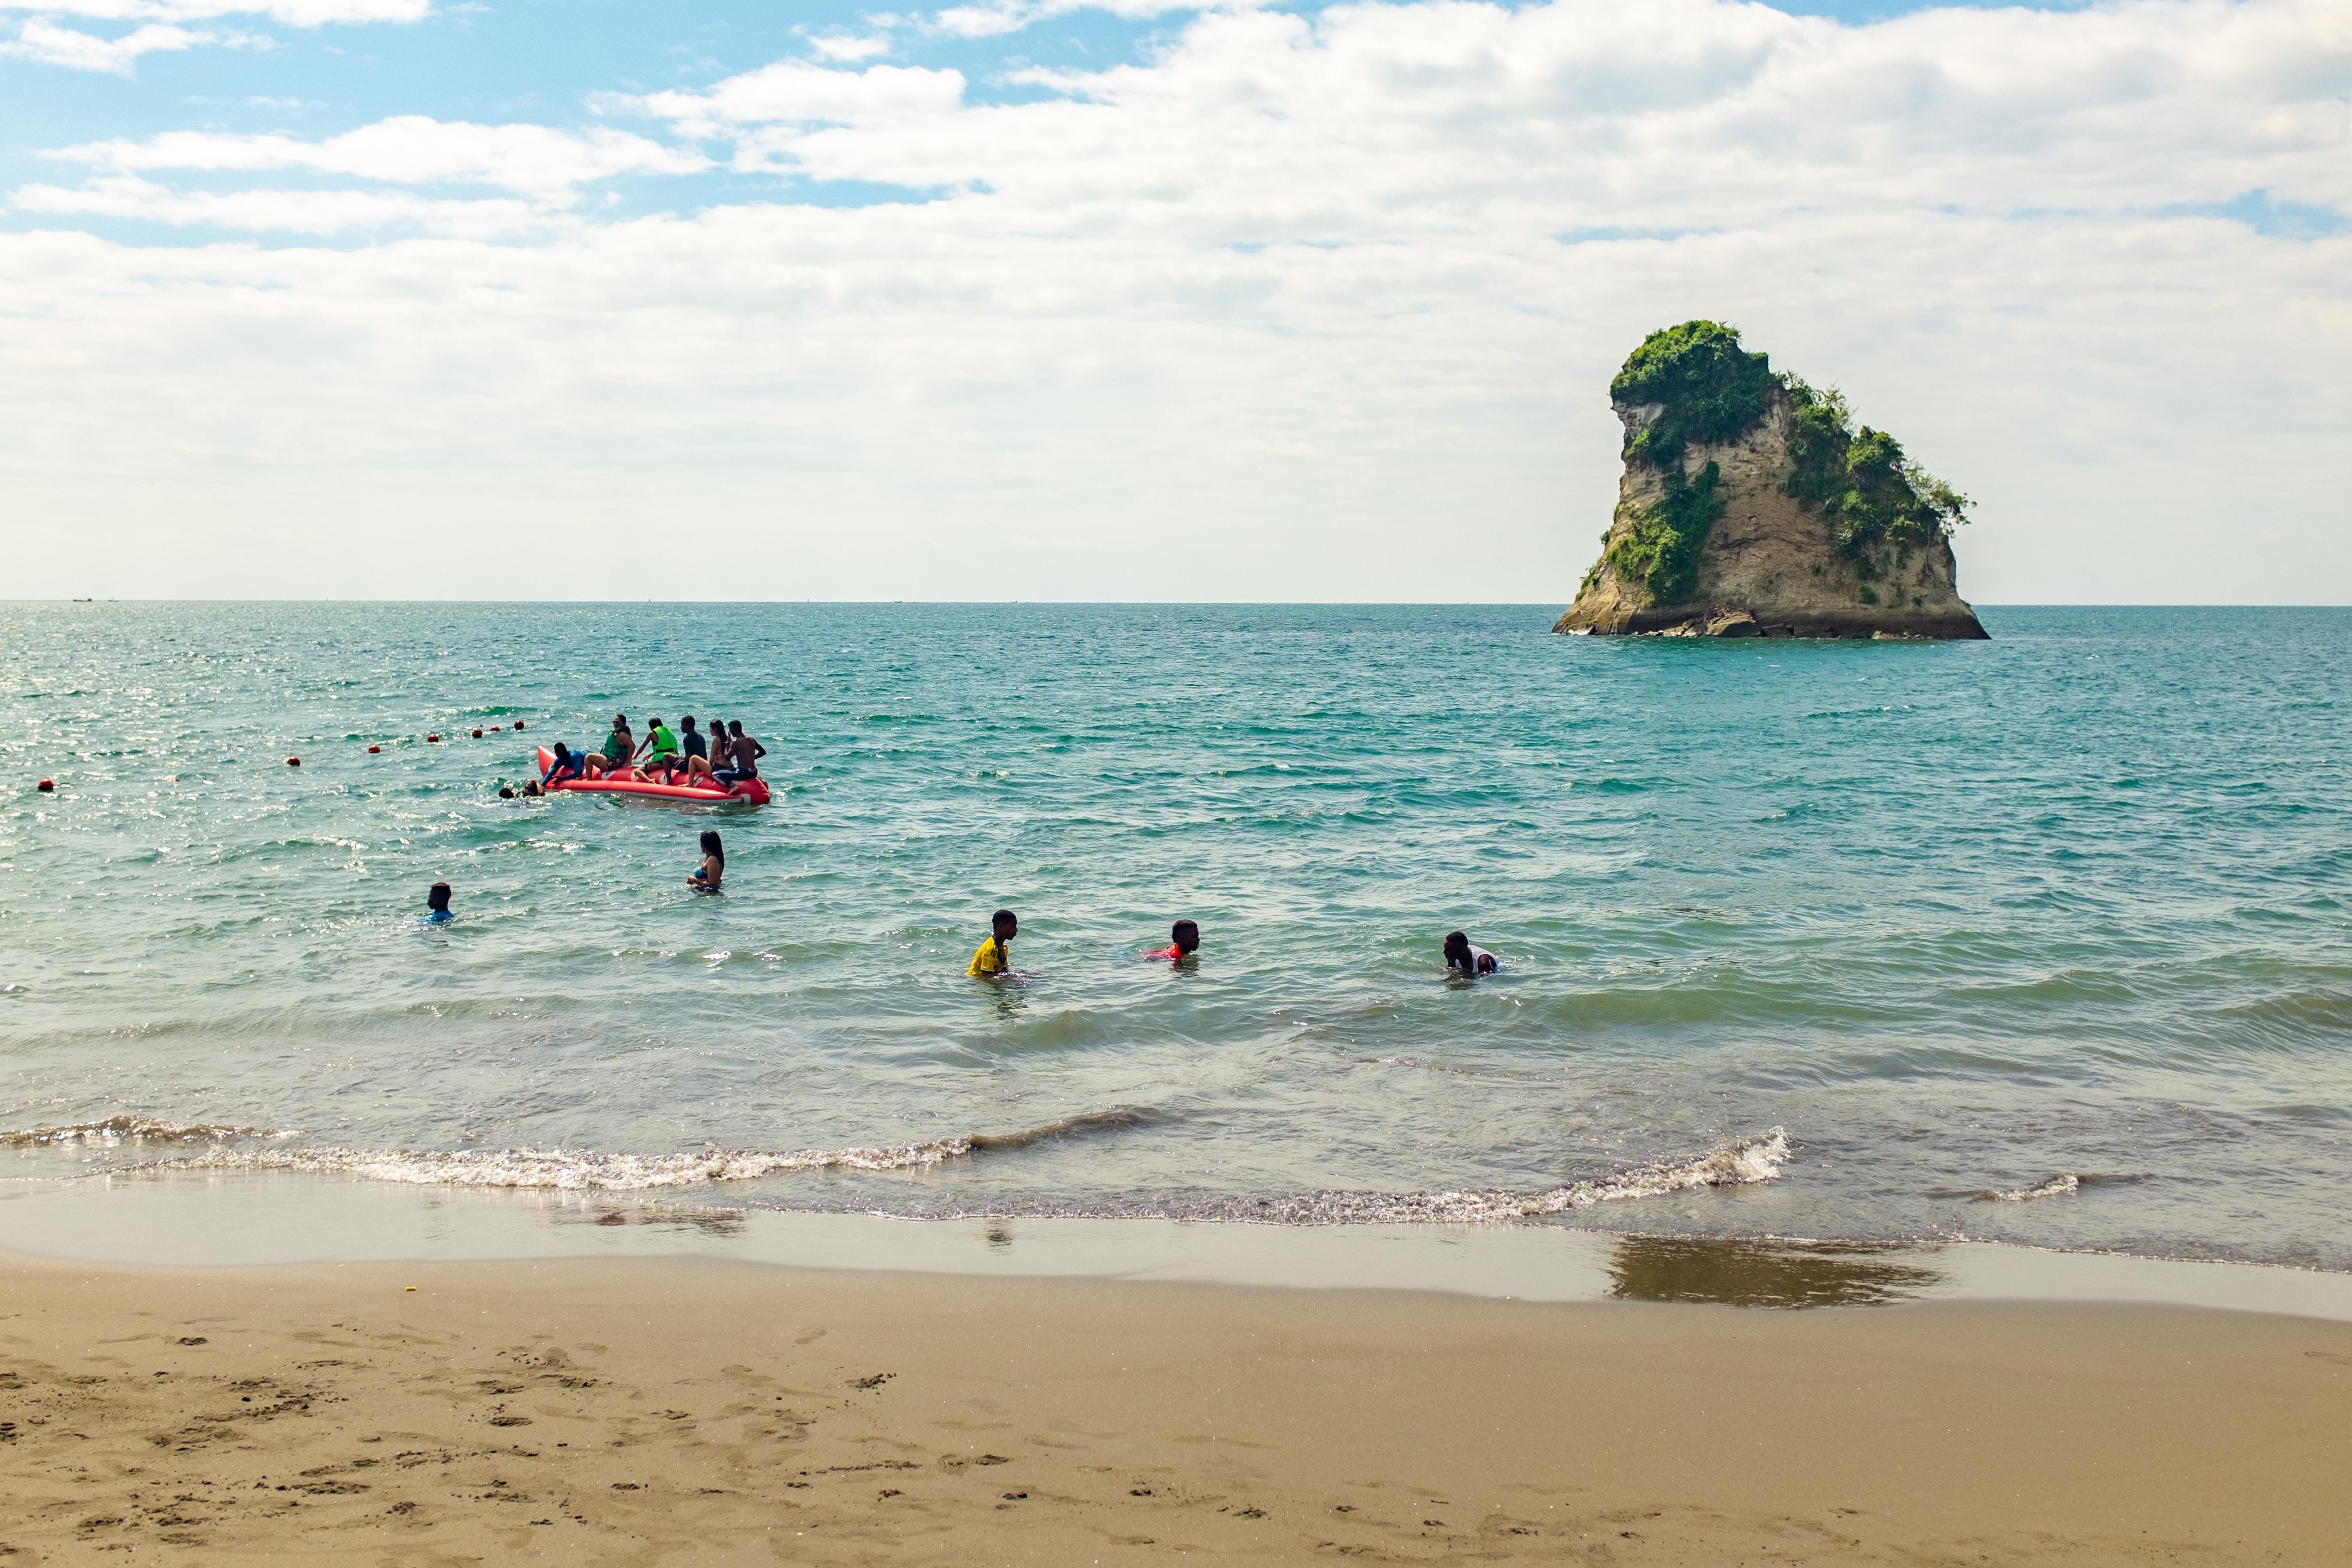 """Esta localidad, conocida como """"La Perla del Pacífico"""", es una de las más pobladas de todo el país. A sólo algunos minutos de la ciudad se pueden encontrar algunos de los lugares de interés para quienes quieren disfrutar del sol y el mar: la isla del Morro posee playas imponentes con un arco natural de piedra y en su interior, el """"Rostro Vigilante del mar"""", una figura amorfa creado por el golpe de las olas. Al cruzarlo, los viajeros pueden encontrar la cueva subacuática donde, según cuenta la leyenda, el pirata Morgan escondió sus tesoros en el siglo XVI"""